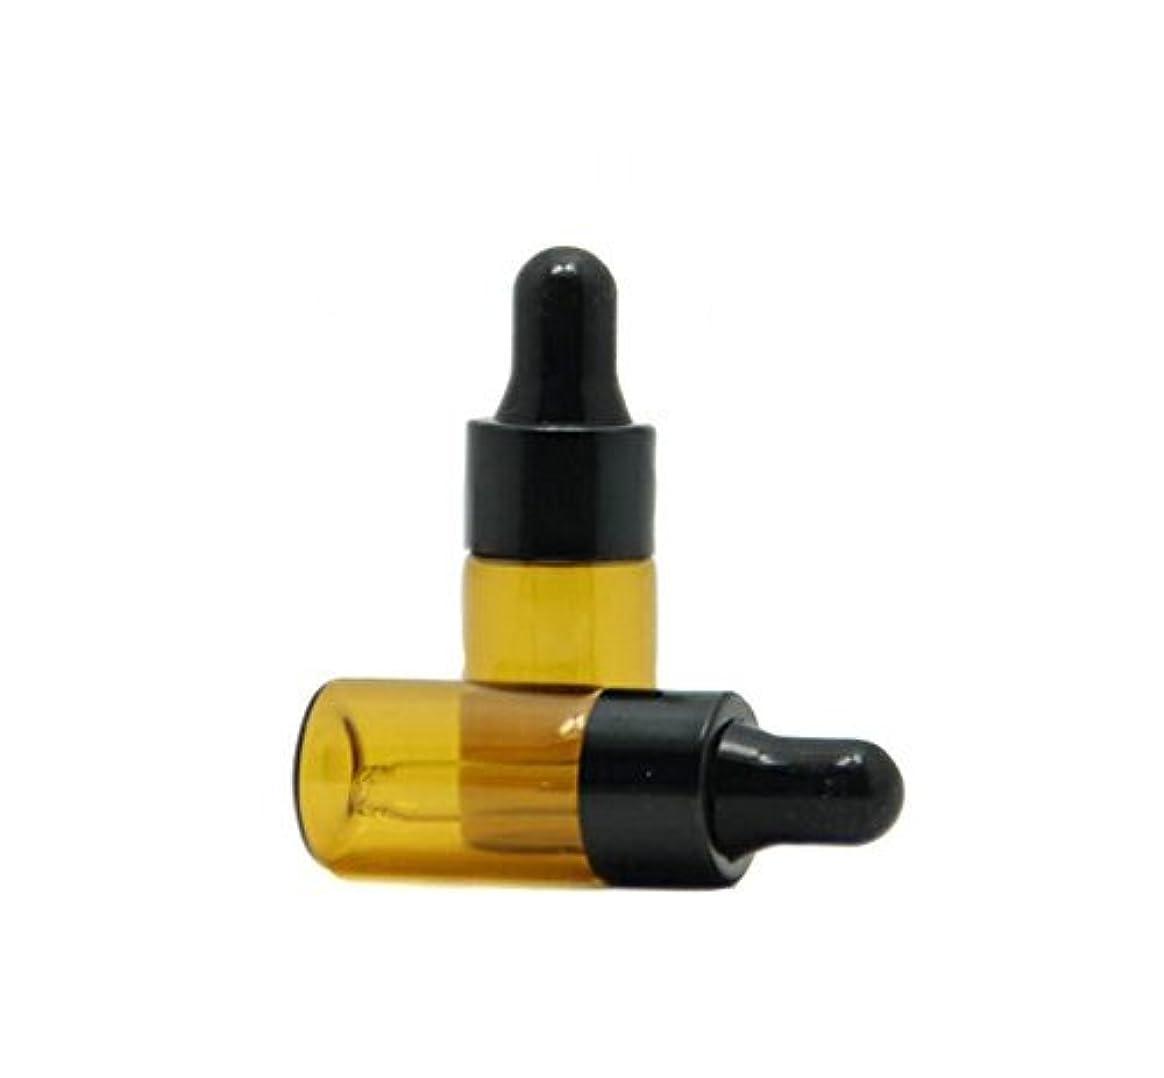 ワイド廃棄データ3ml 15 Pcs Refillable Mini Amber Glass Essential Oil Bottles Dropper Bottles Vials With Eyed Dropper For Aromatherapy...